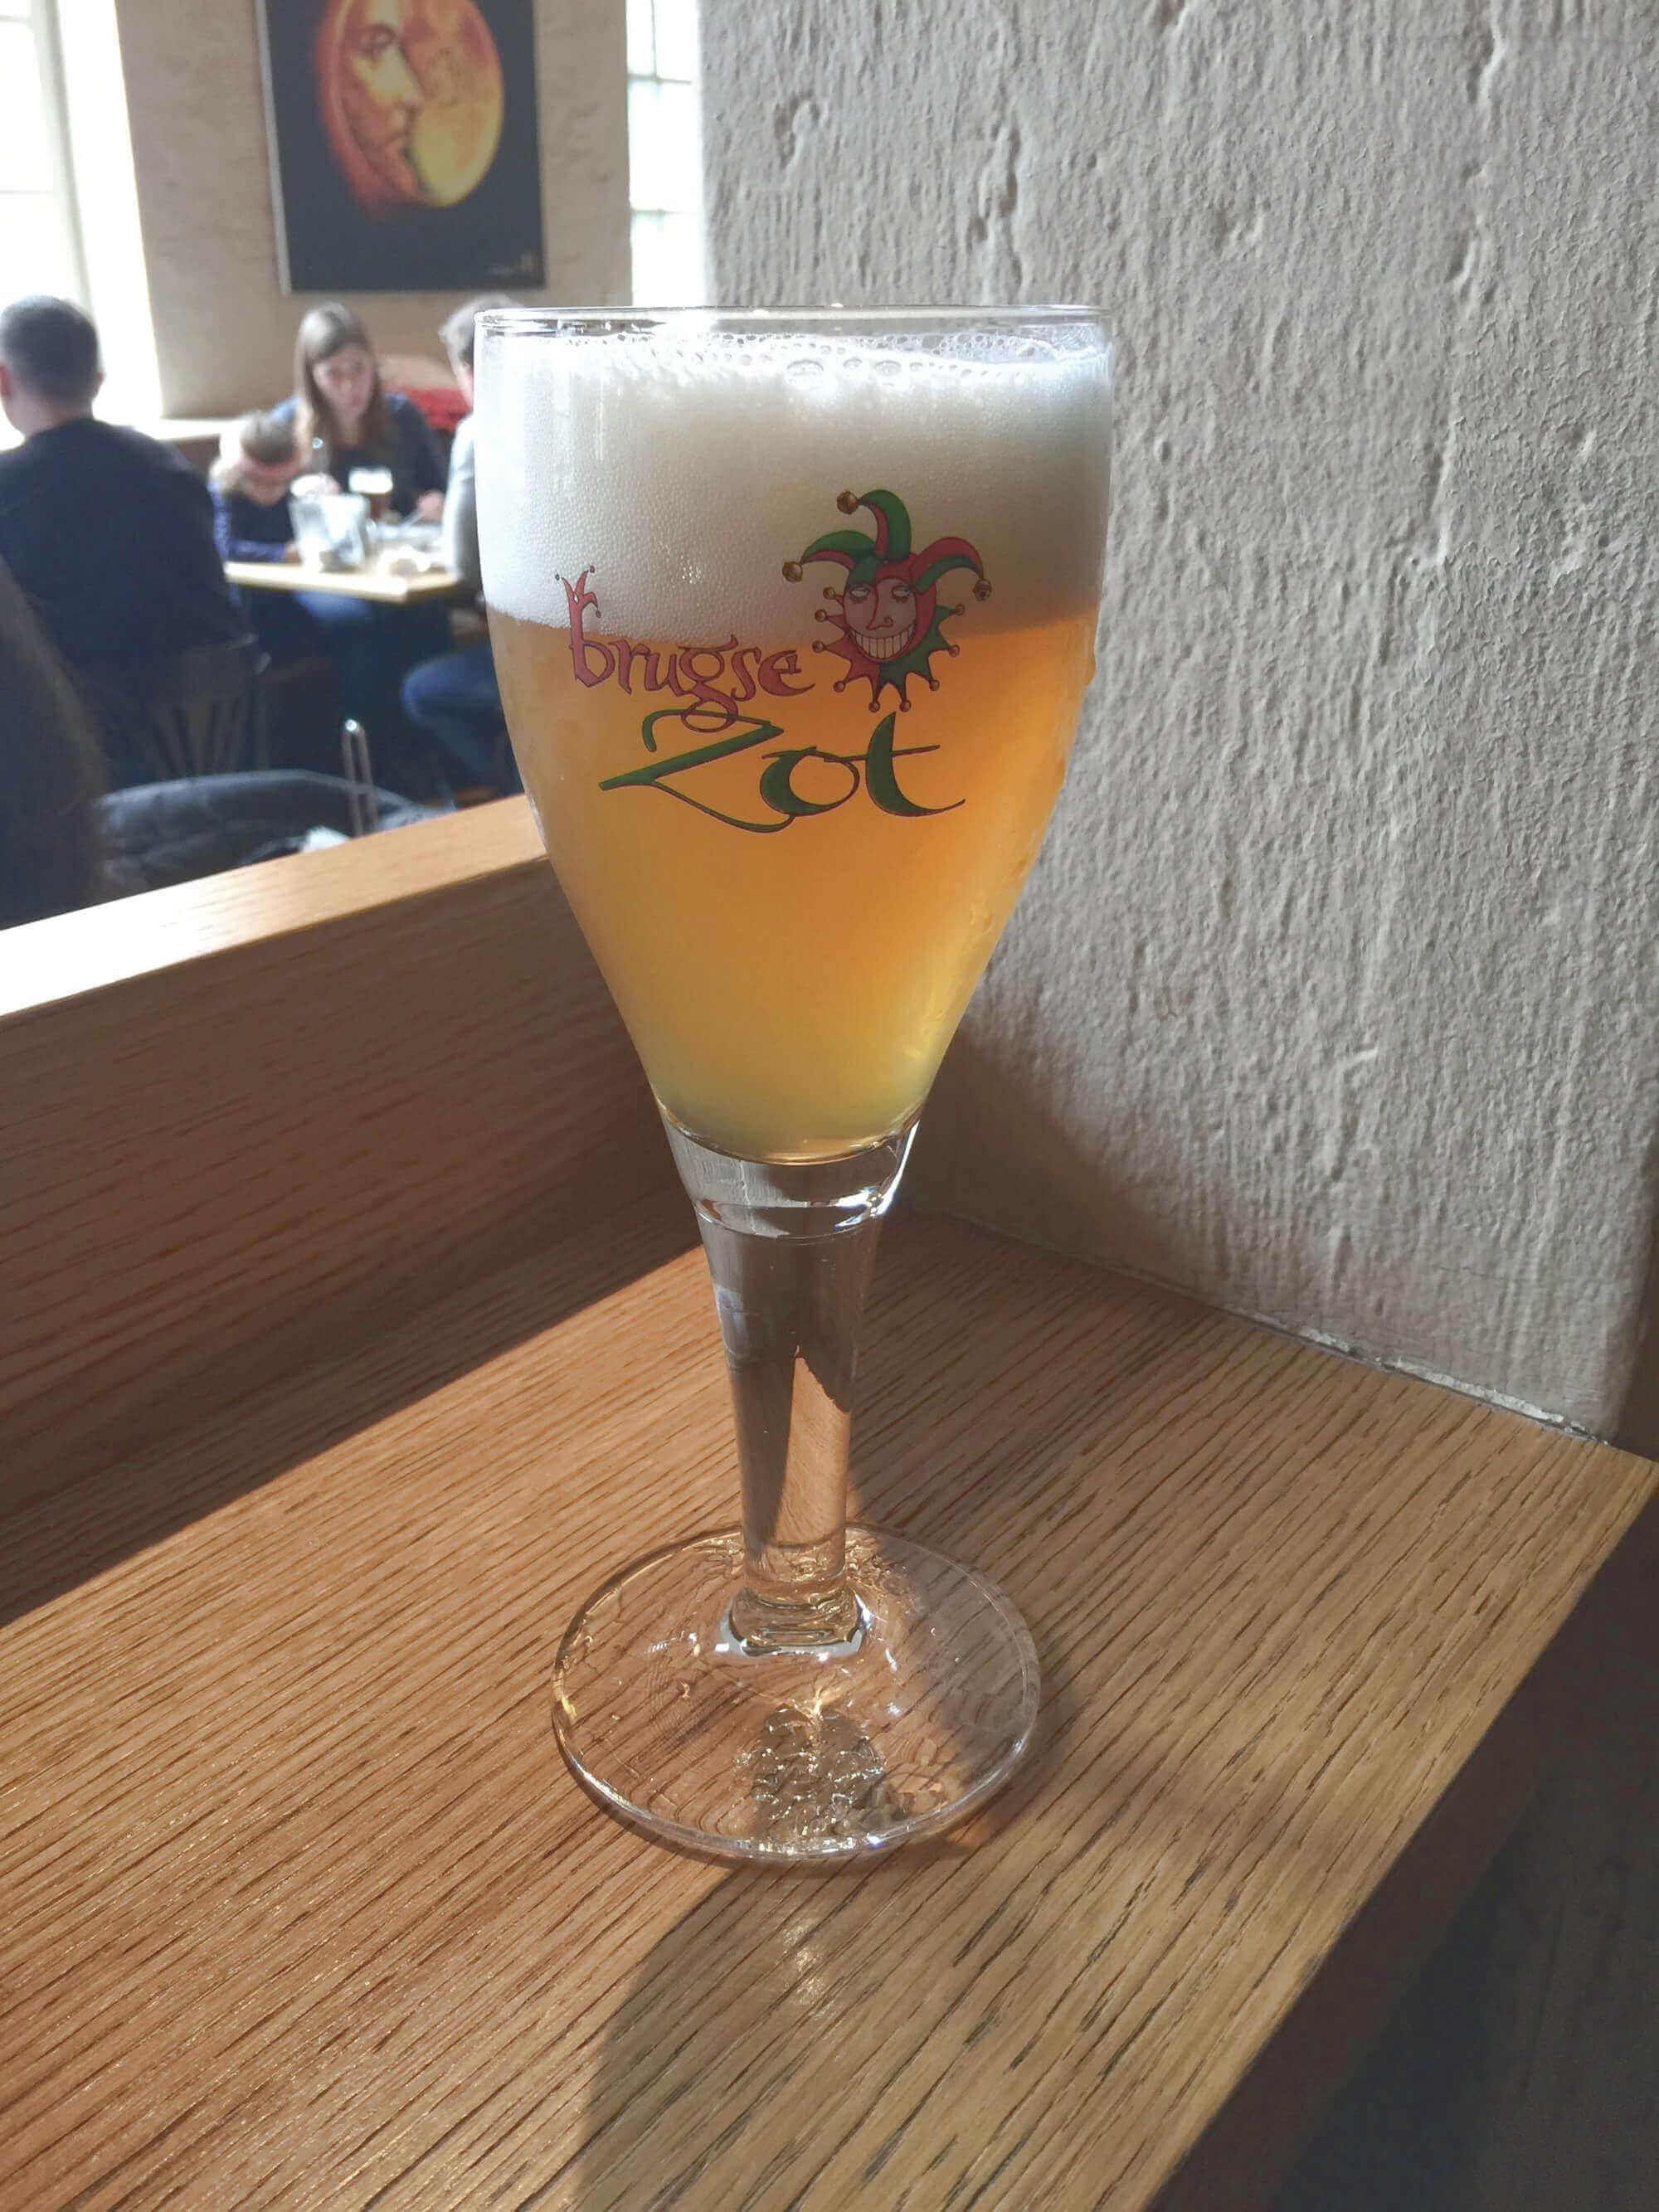 Bierverköstigung in Brauerei De Halve Maan in Brügge